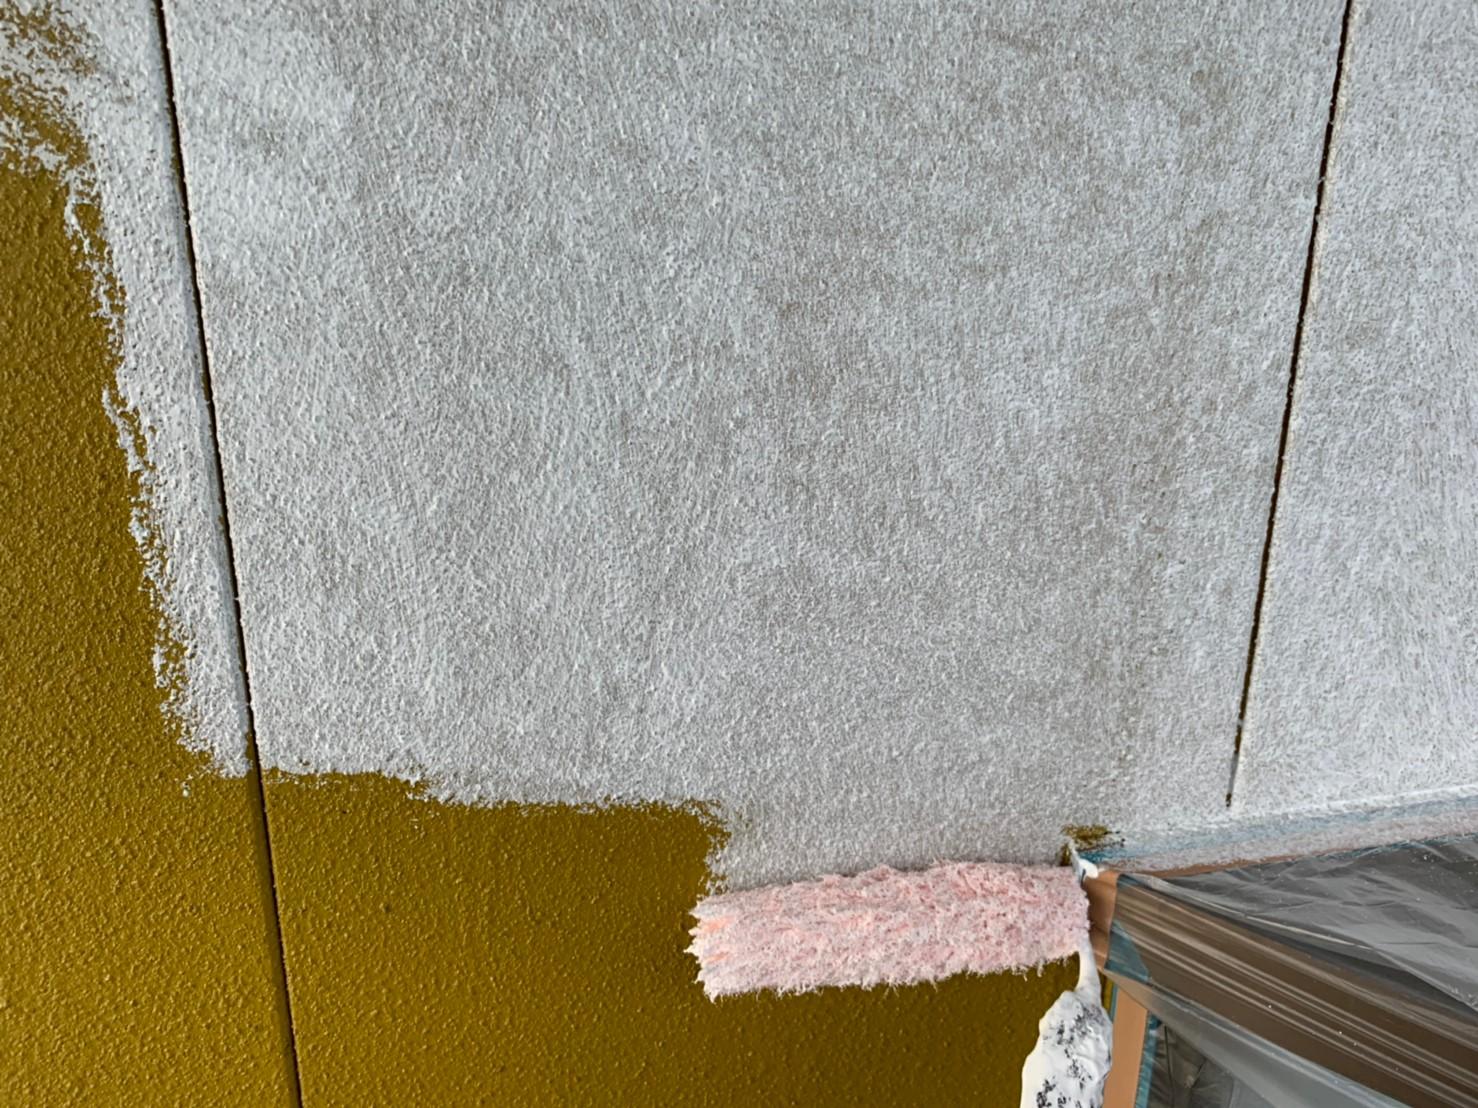 瑞浪市 外壁下塗り塗装 フィラー